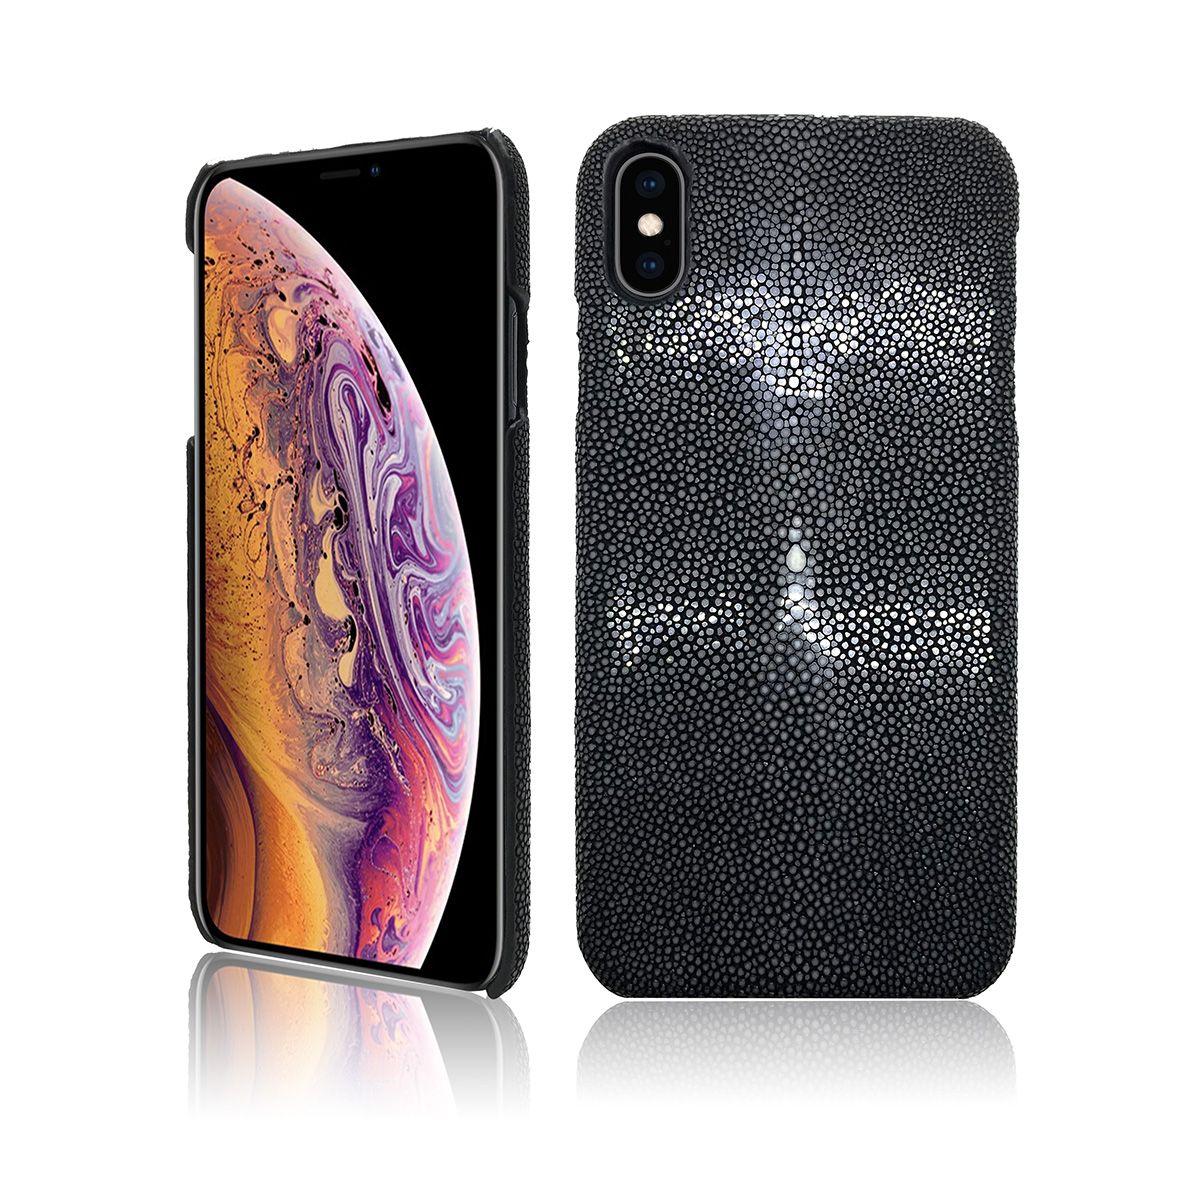 ef31ace1a17 Accesorio Para Celulares Funda De Lujo Para IPhone Xs Max 6.5 Hecho A Mano  De Piel De Raya Genuina Protección De Cuerpo Completo Bumper Funda De Cuero  Para ...